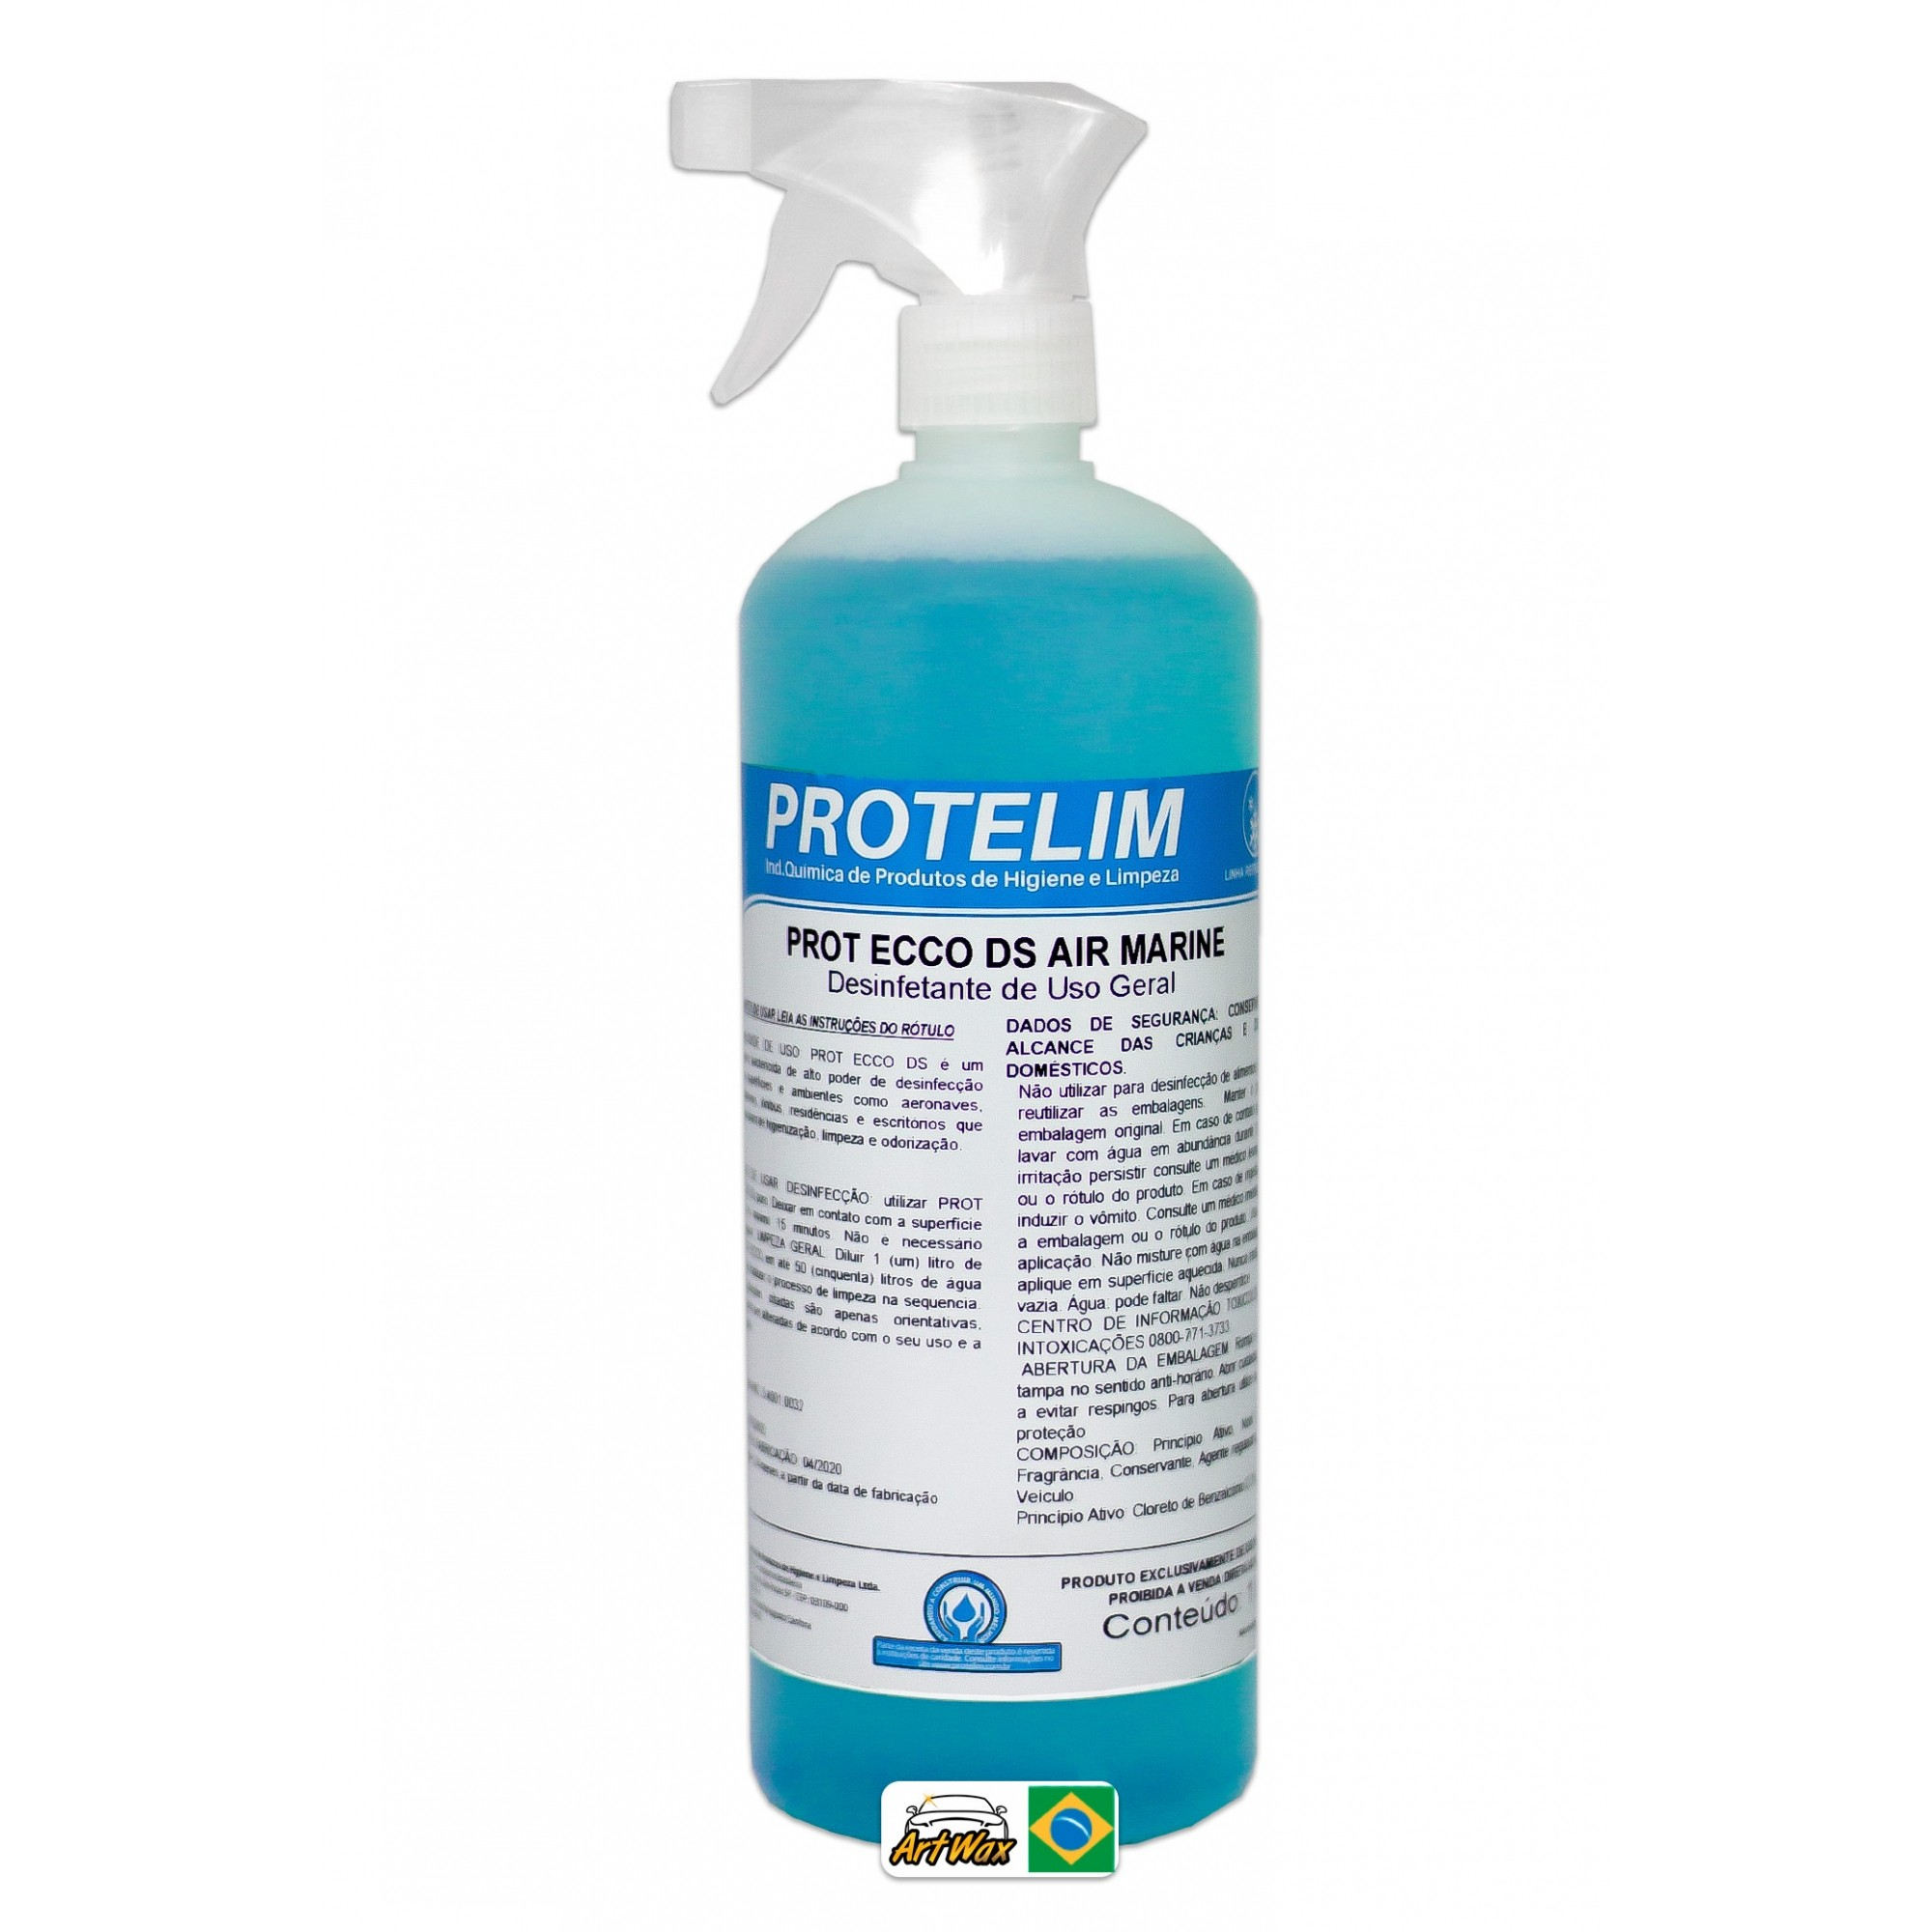 Protelim Prot Ecco Ds Air Marine Spray 1L - Desinfetante Bactericida De Uso Geral